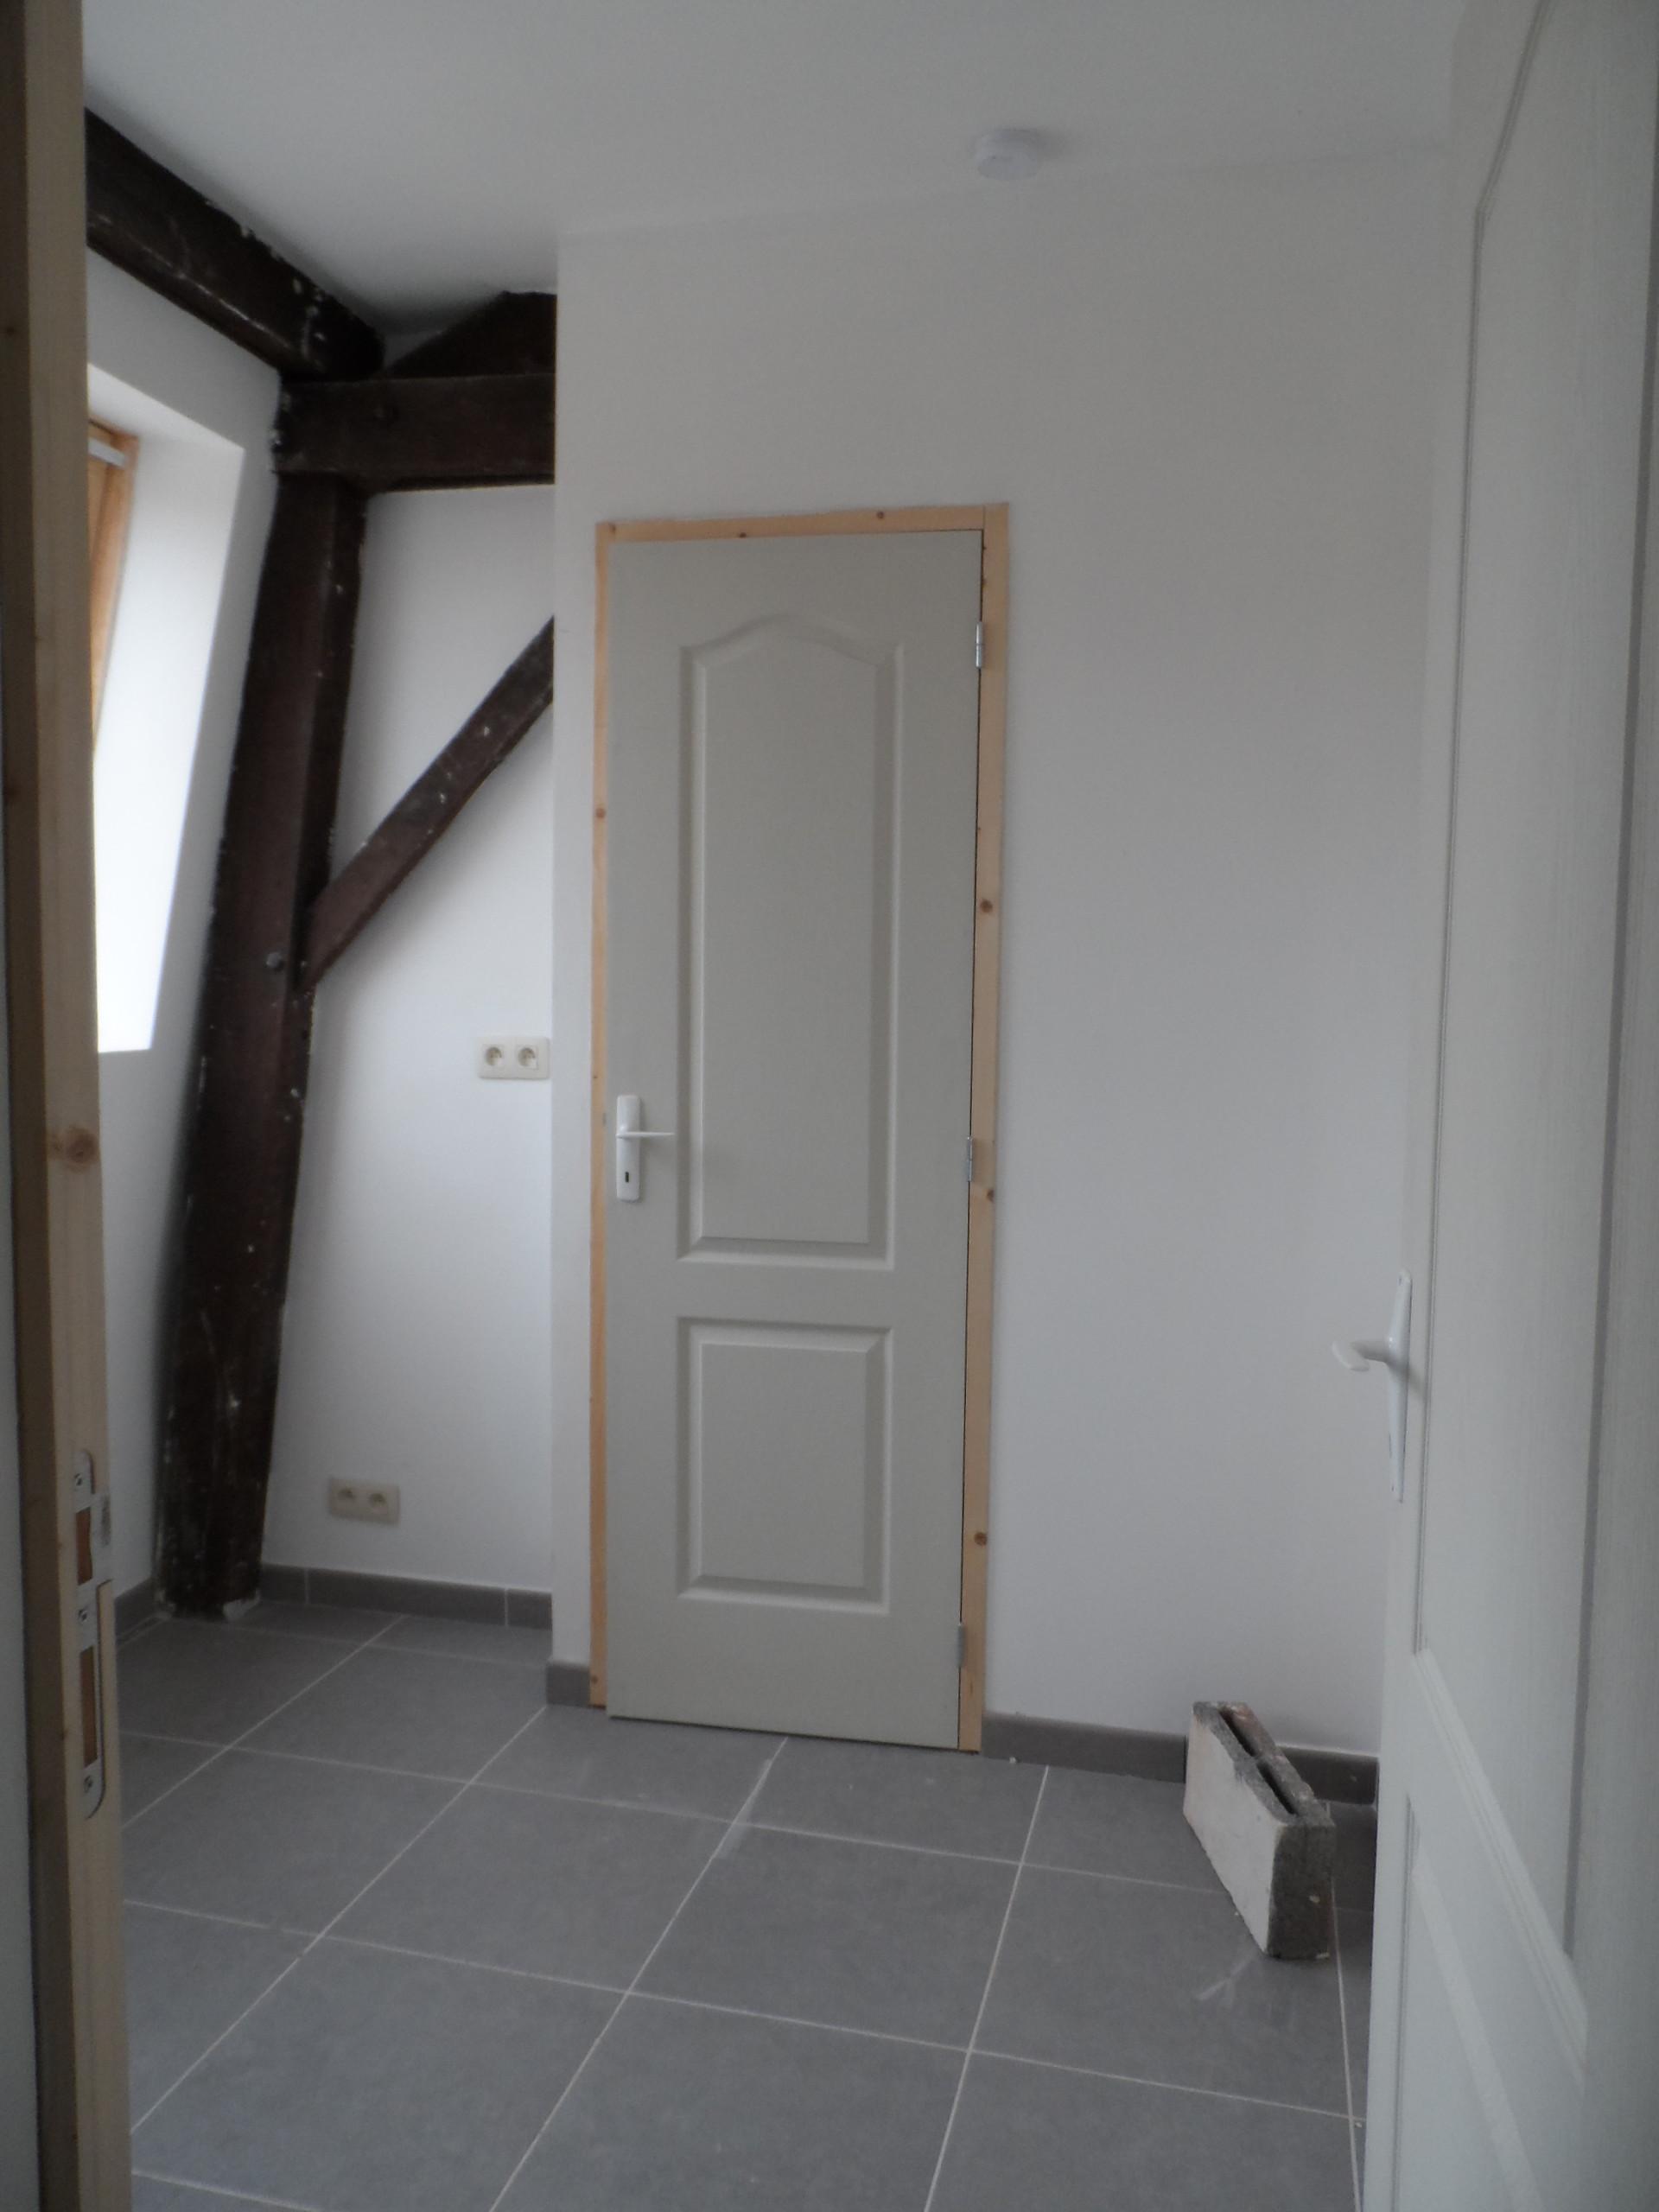 JOLIE CHAMBRE AVEC SALLE DE BAIN ET WC PRIVE   Location chambres Mons